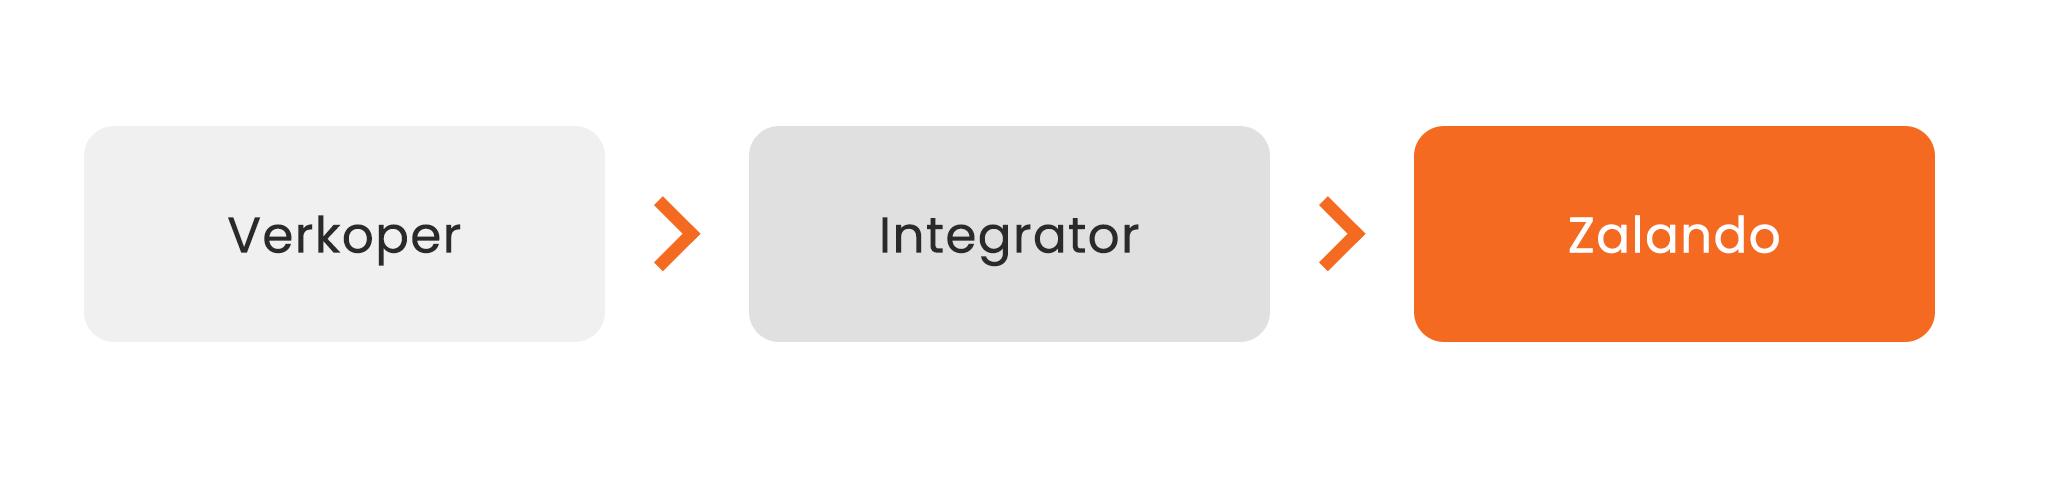 Integrator voor verkopen op zalando